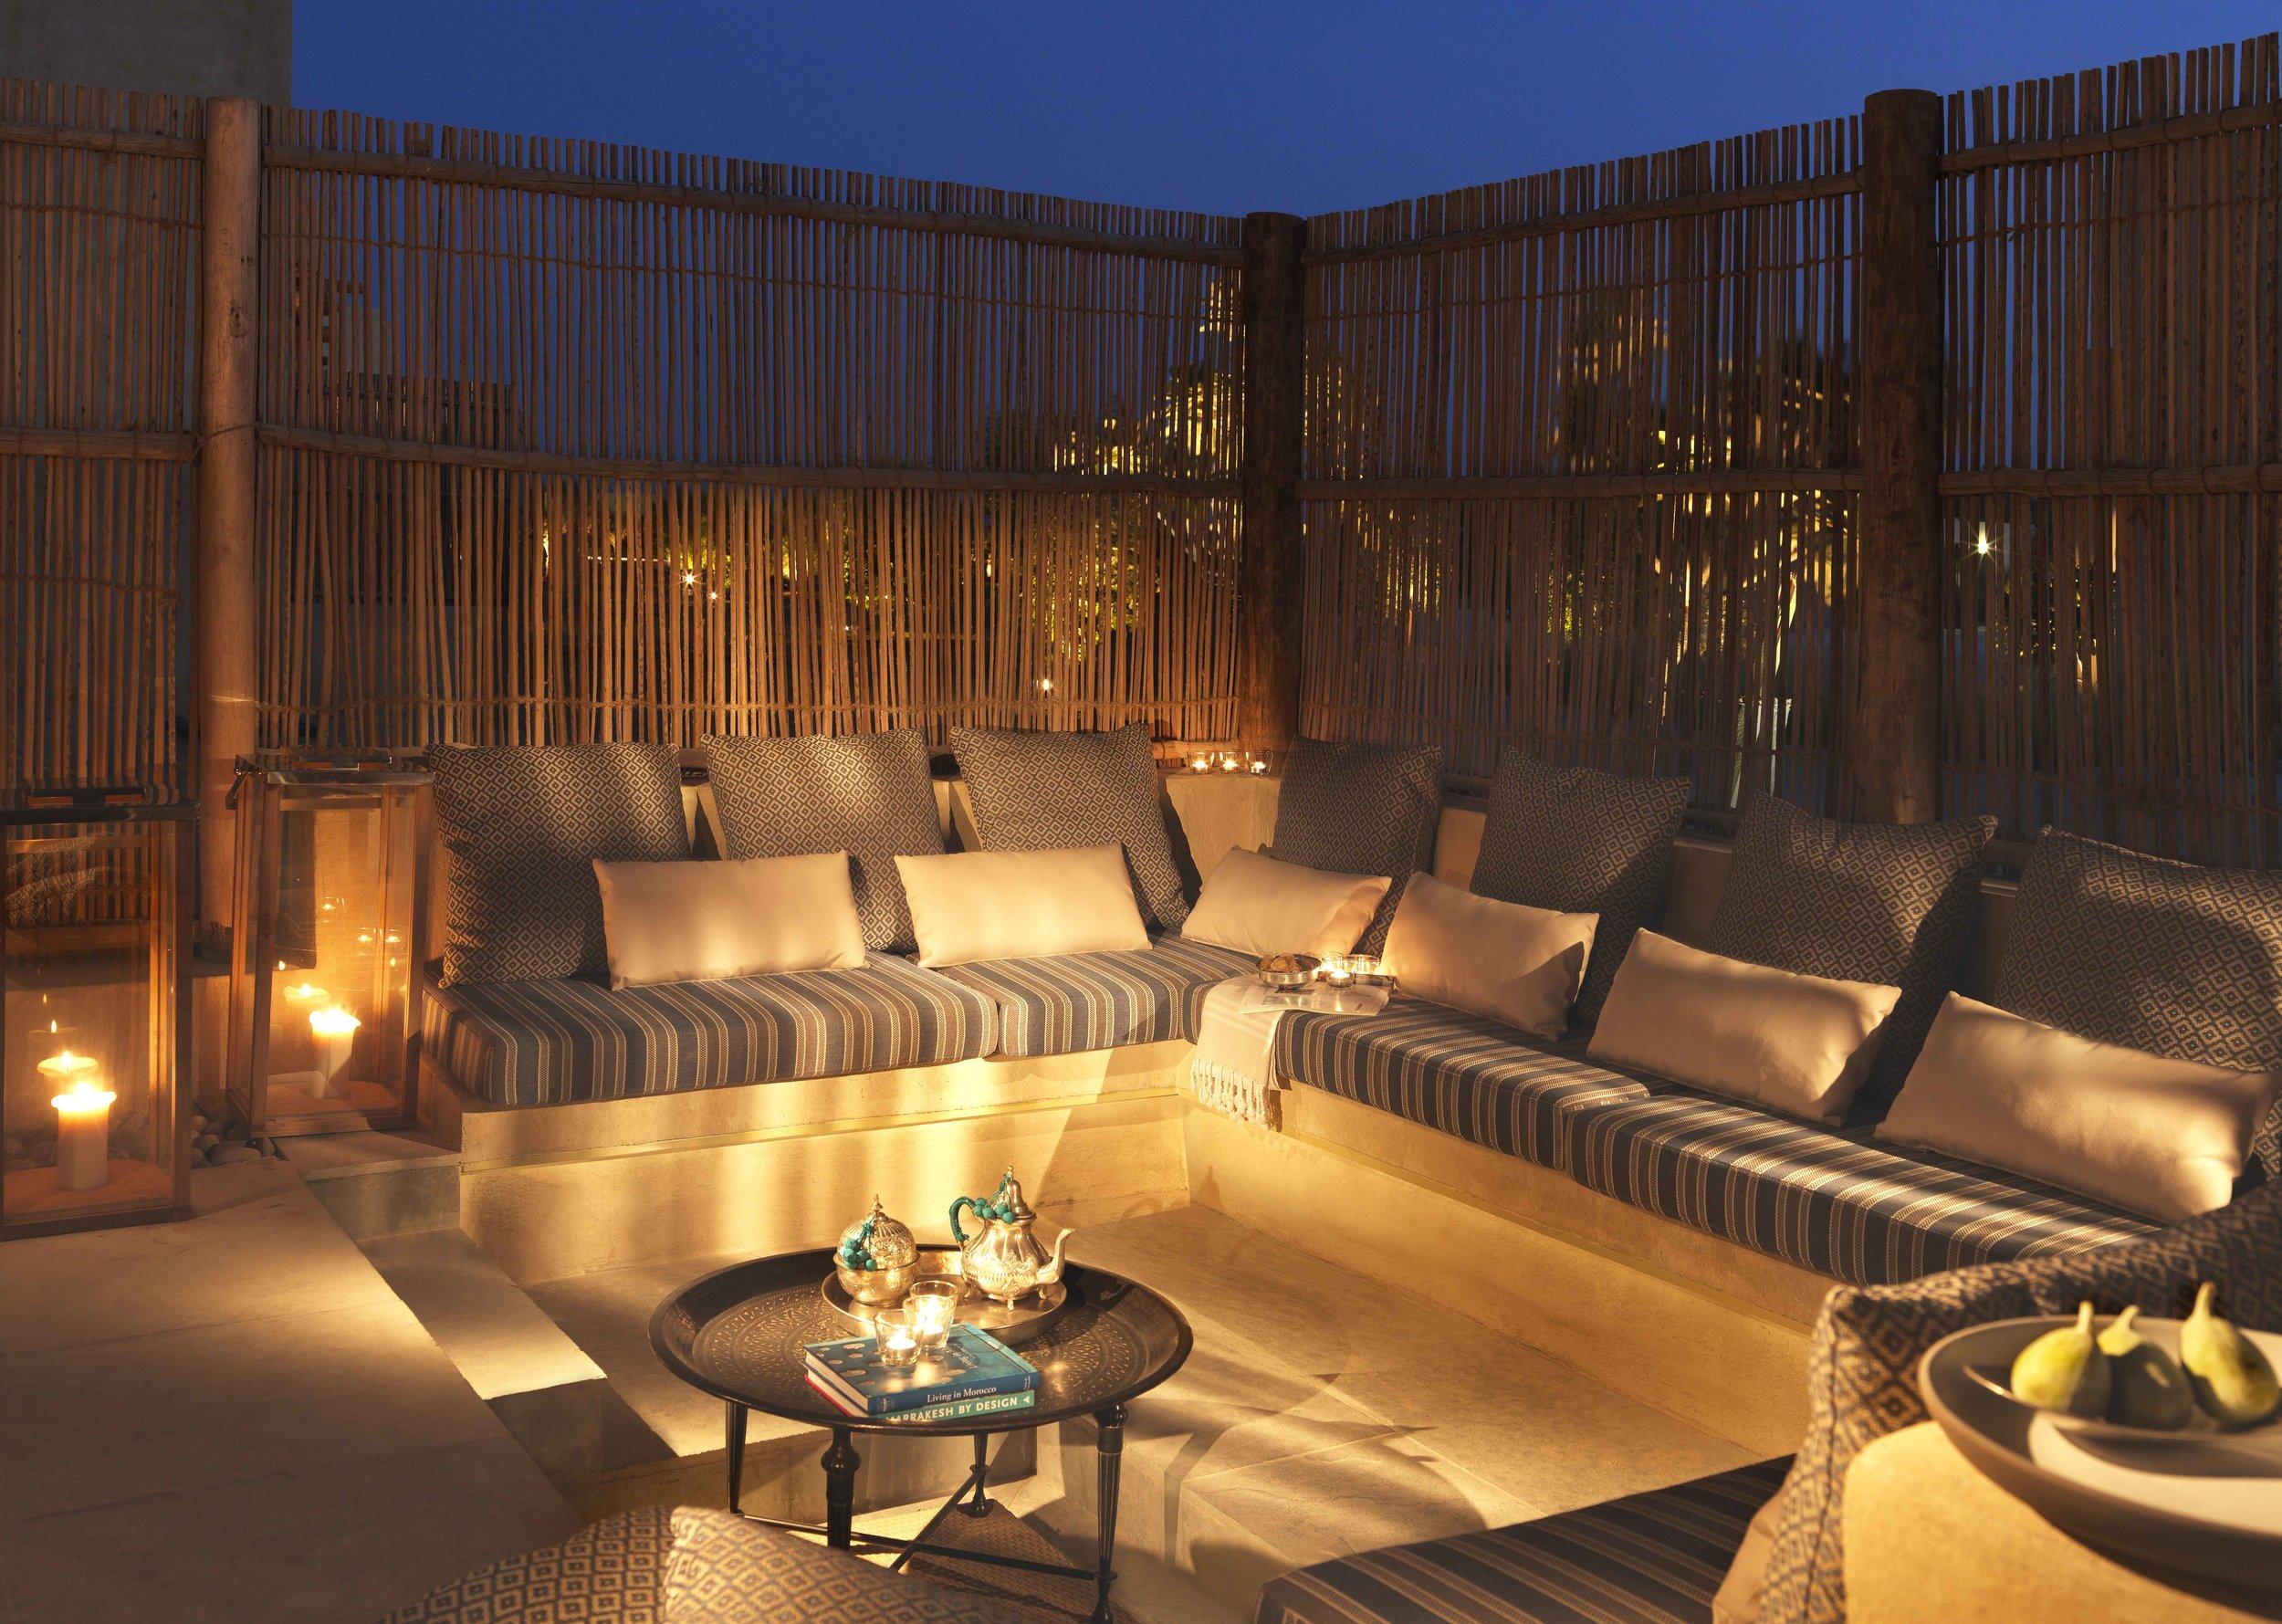 54748409-H1-One_Bedroom_Pool_Villa_Outdoor_terrace.jpg